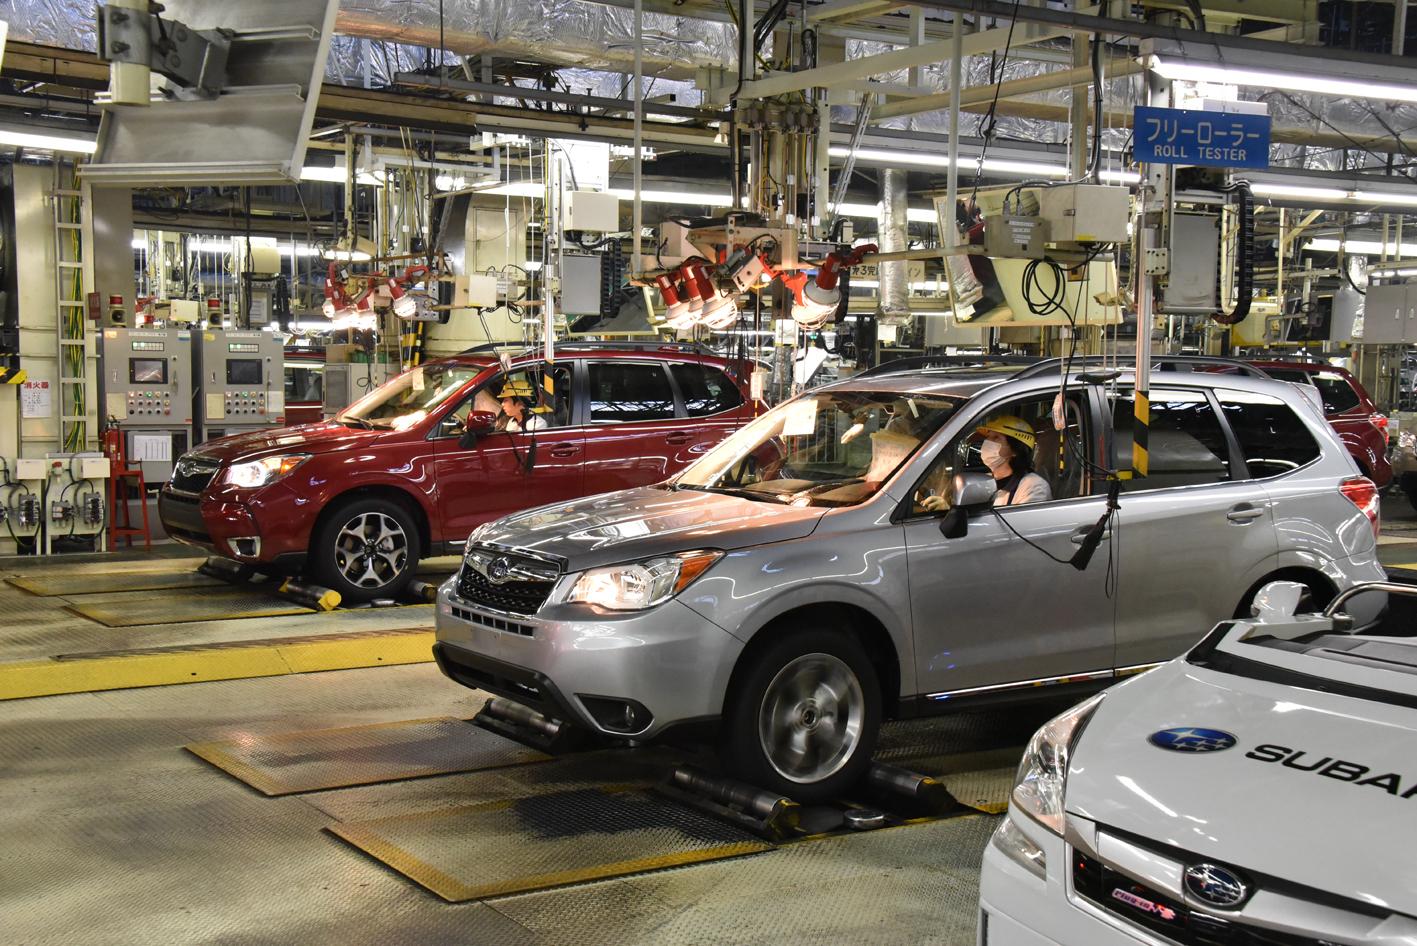 自動車自体はもちろん、検査の仕組みも変わっているのに、制度は古いまま